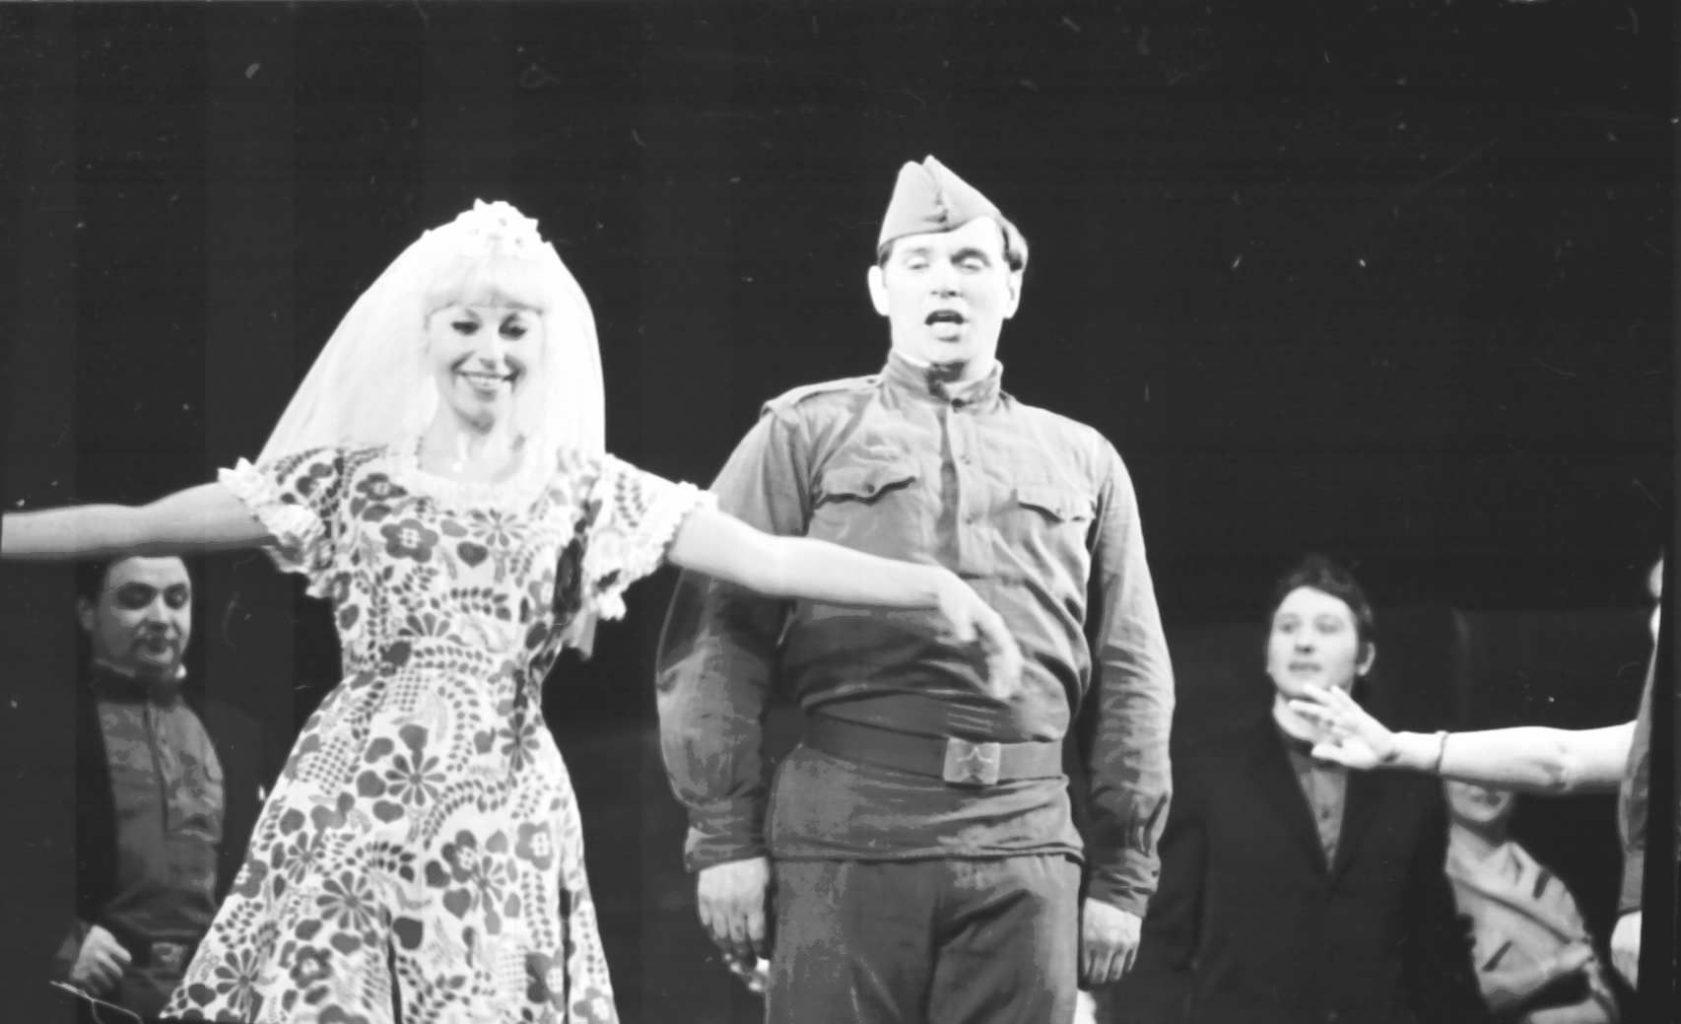 П. Карпов, Н. Васильева (сцена из спектакля, 1980 г.): фотография